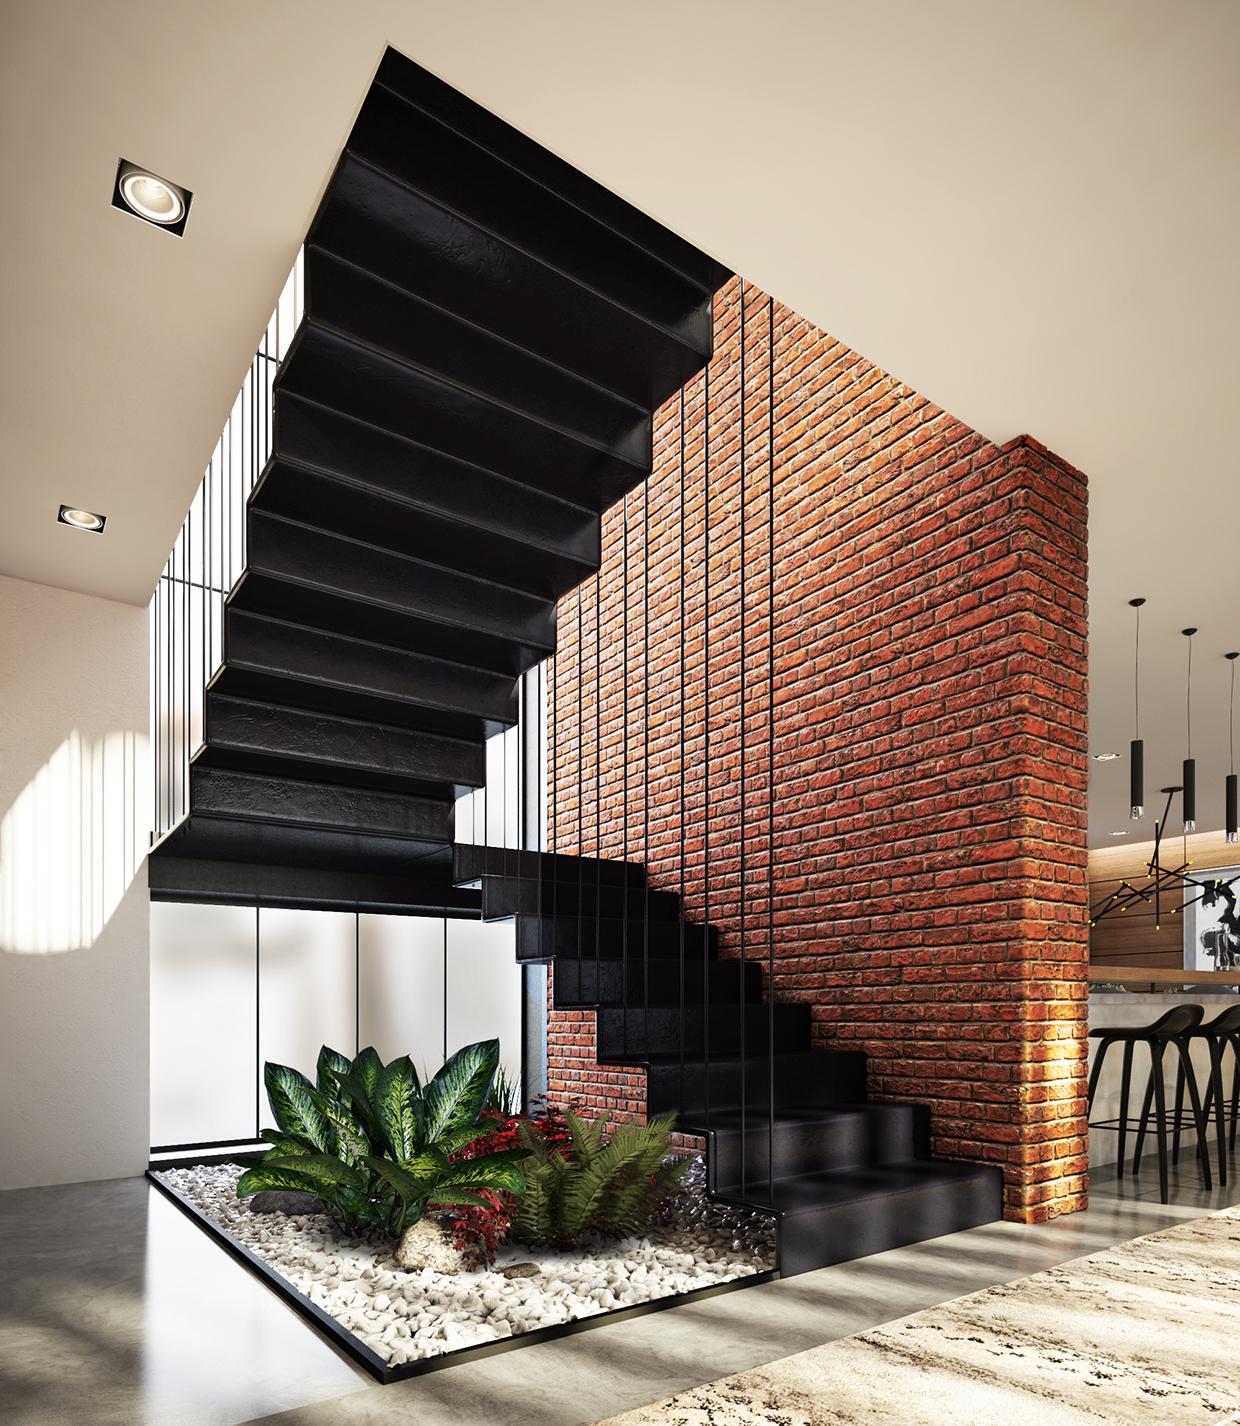 Jardins de inverno ou internos e 20 plantas ideais para ambientes fechados escalera bajos - Escaleras jardin ...